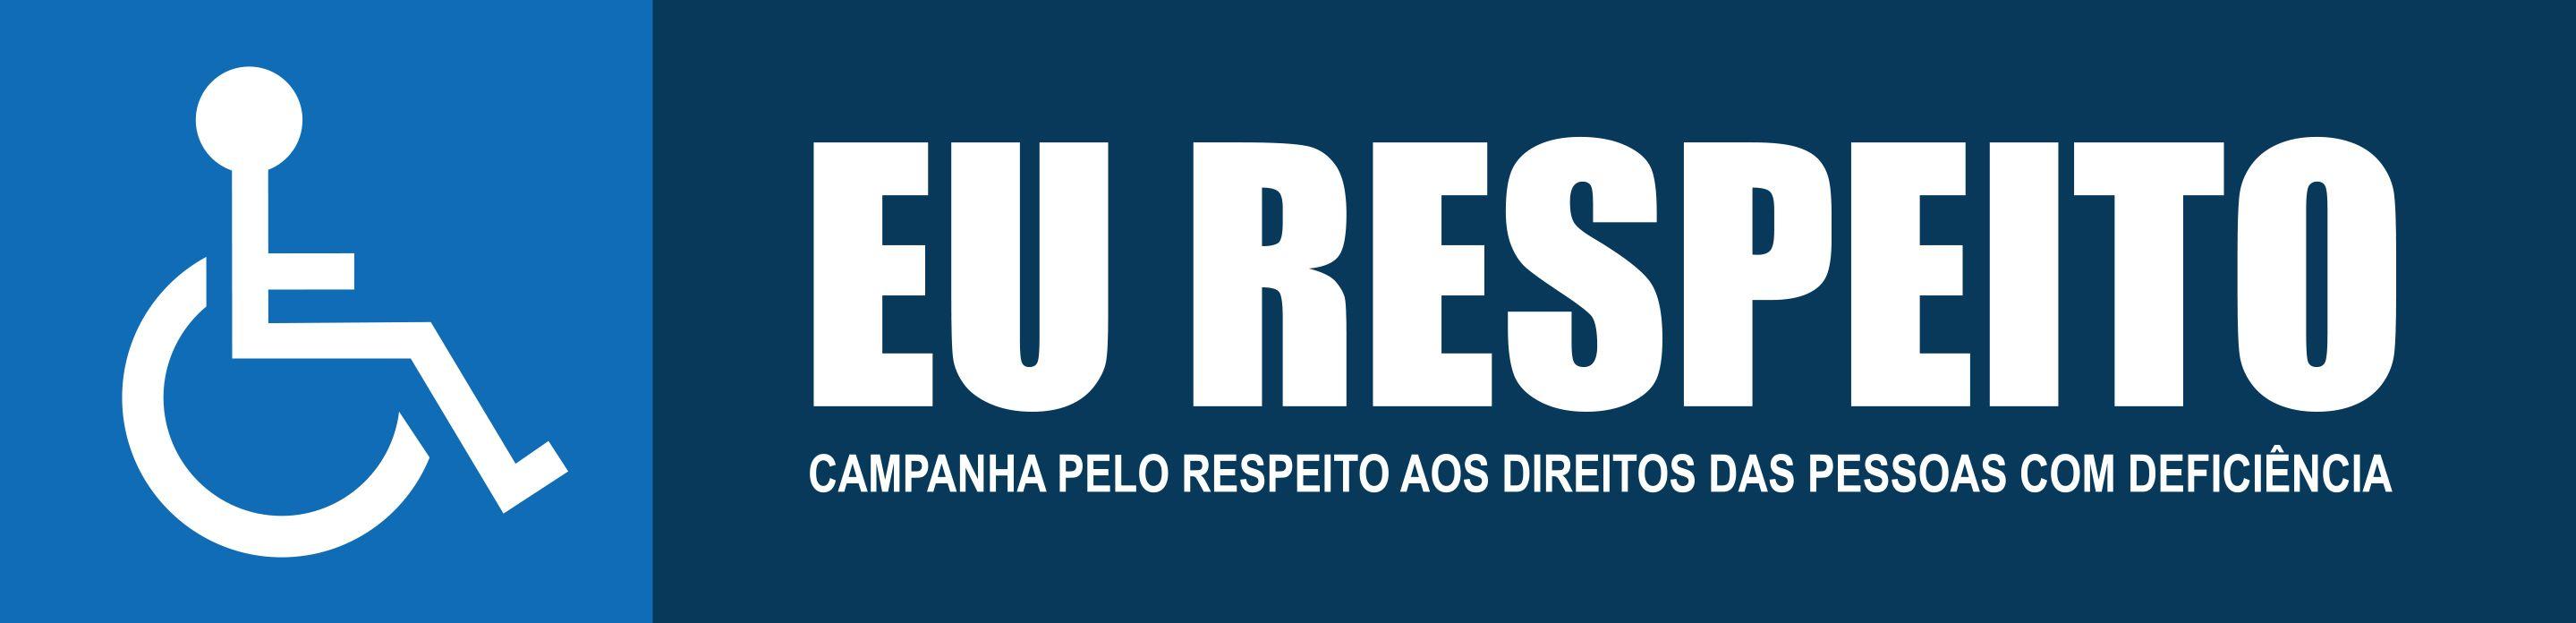 PCD FÁCIL - EU RESPEITO - Campanha pelo respeito aos direitos das pessoas com deficiência